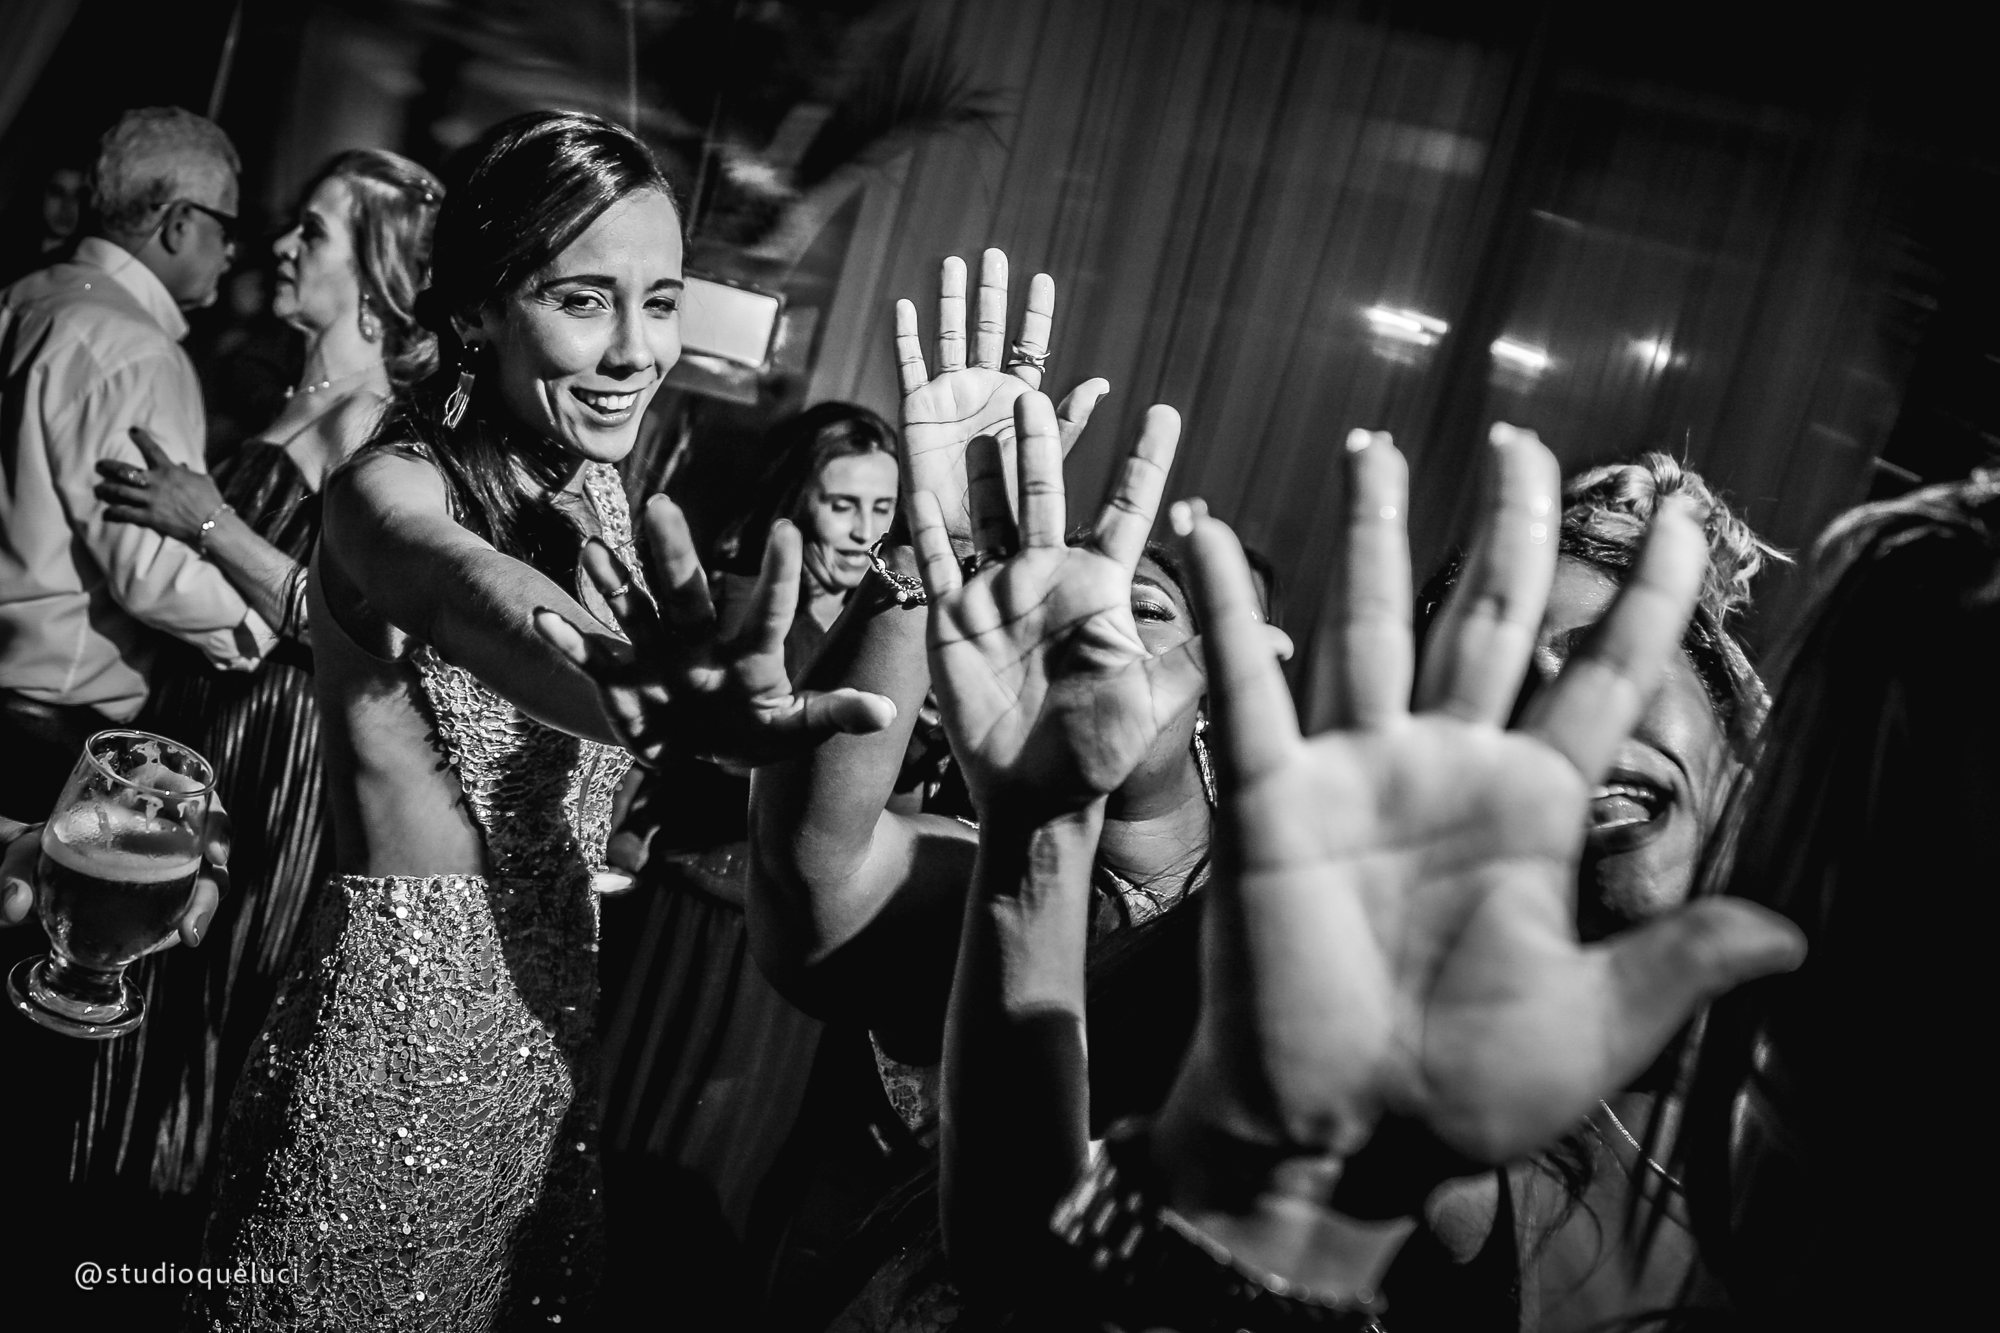 fotografo de casamento rio de janeiro (40)